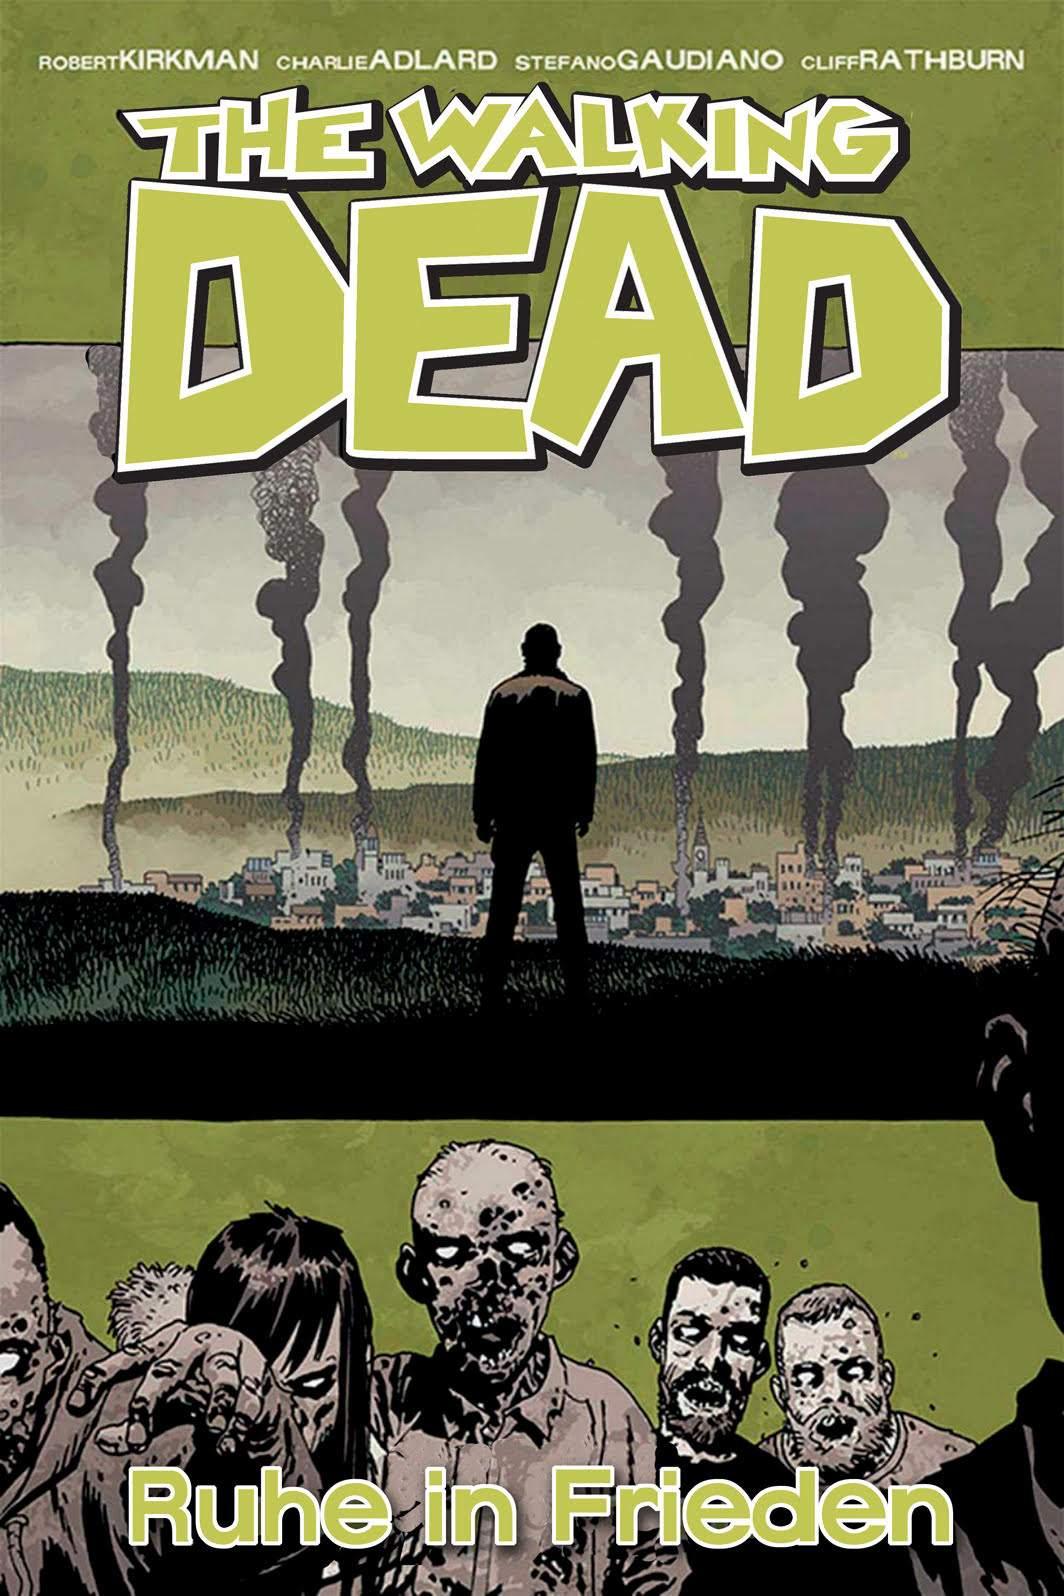 Das letzte Cover von The Walking Dead